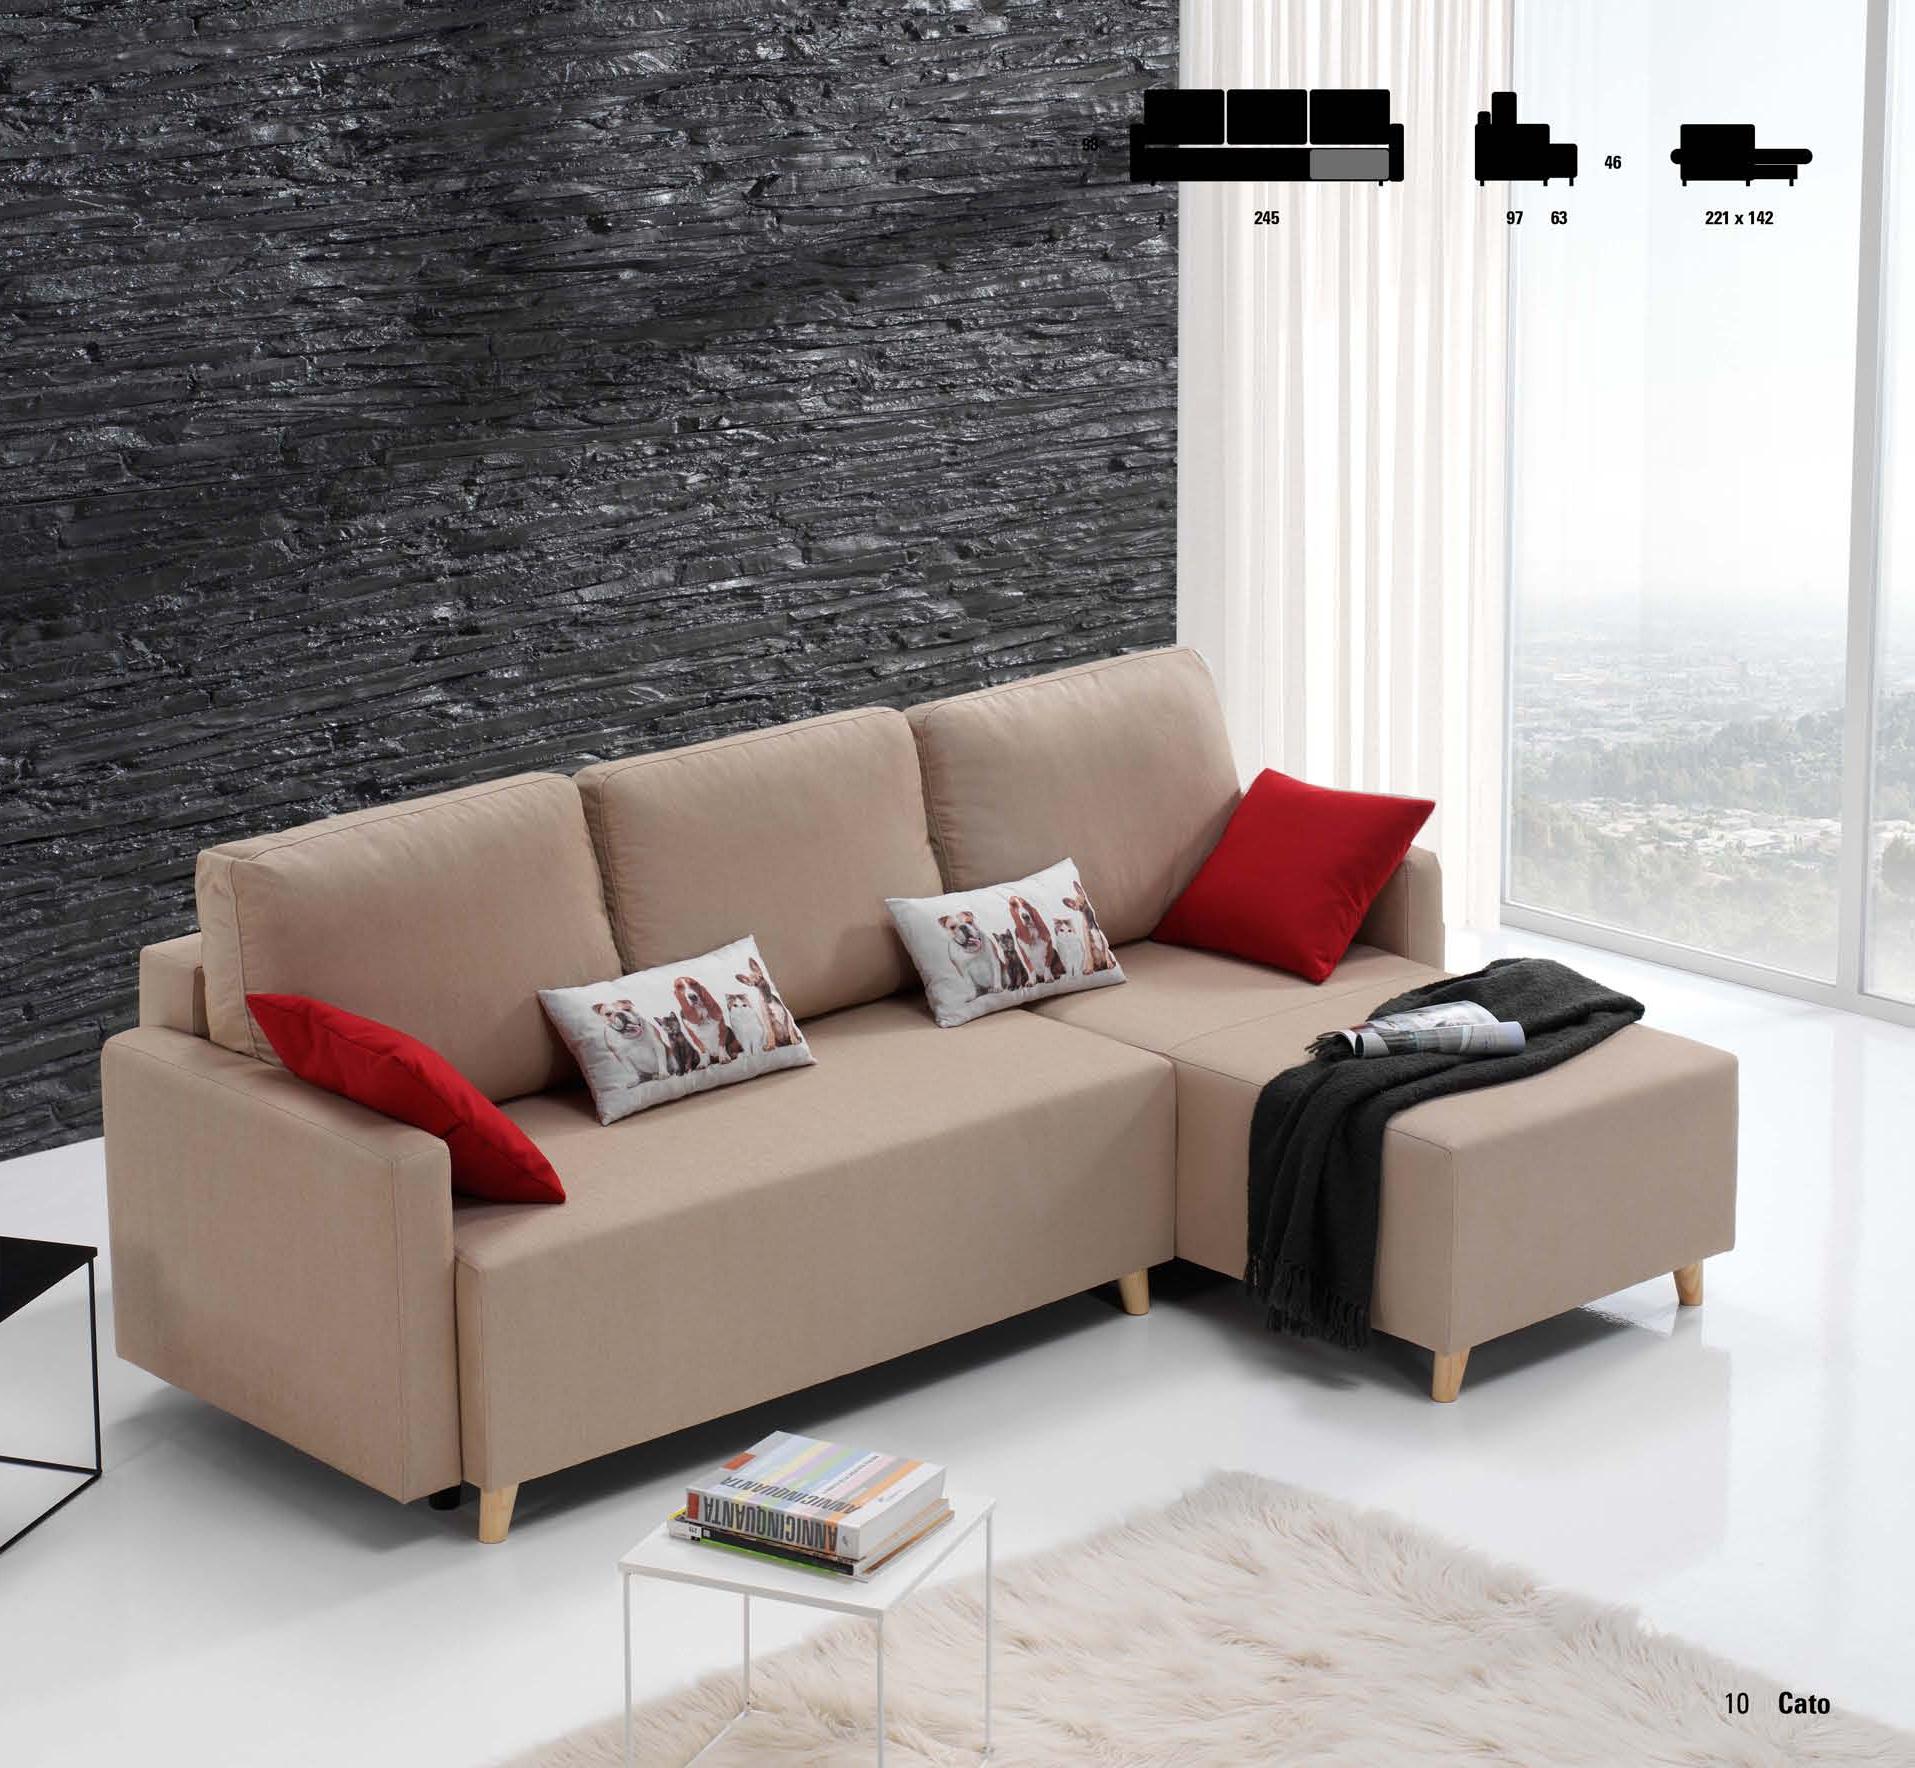 Chaise longue sof cama muebles adama tienda de muebles for Sofa cama chaise longue piel